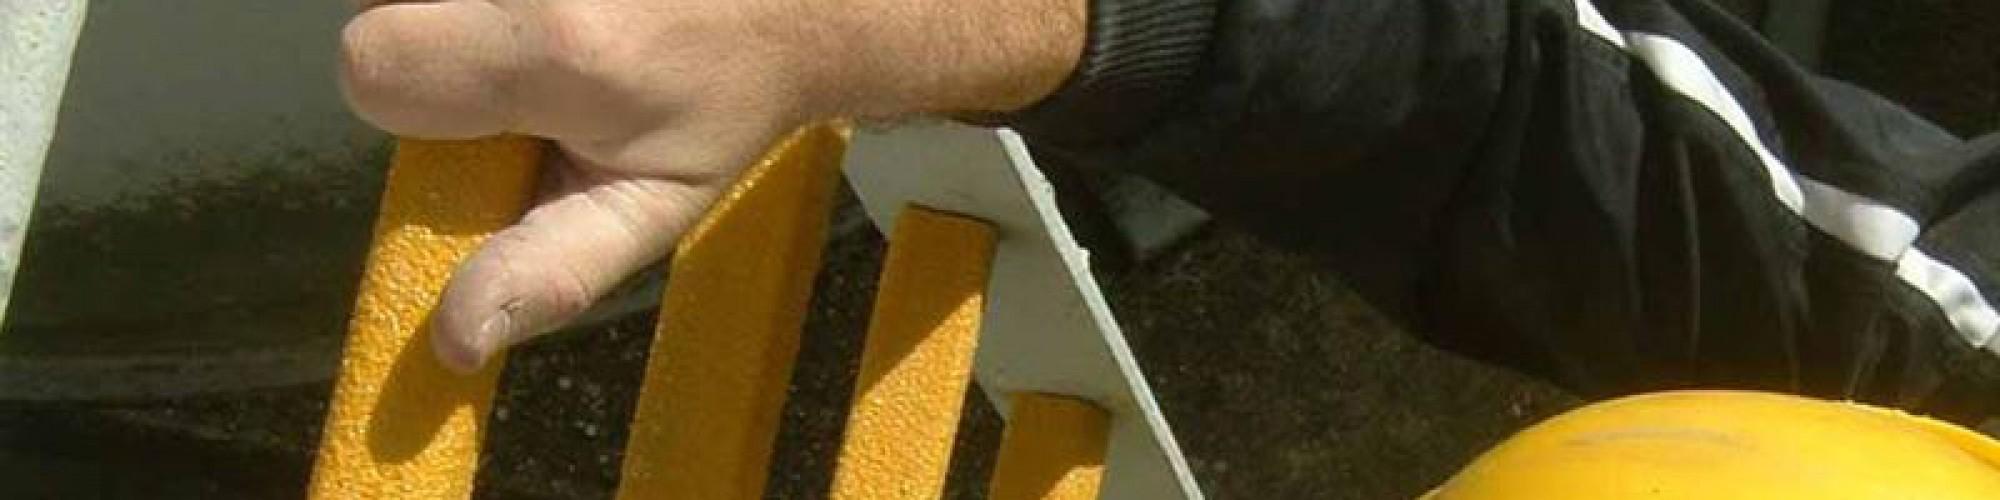 Ladder Rung Grips